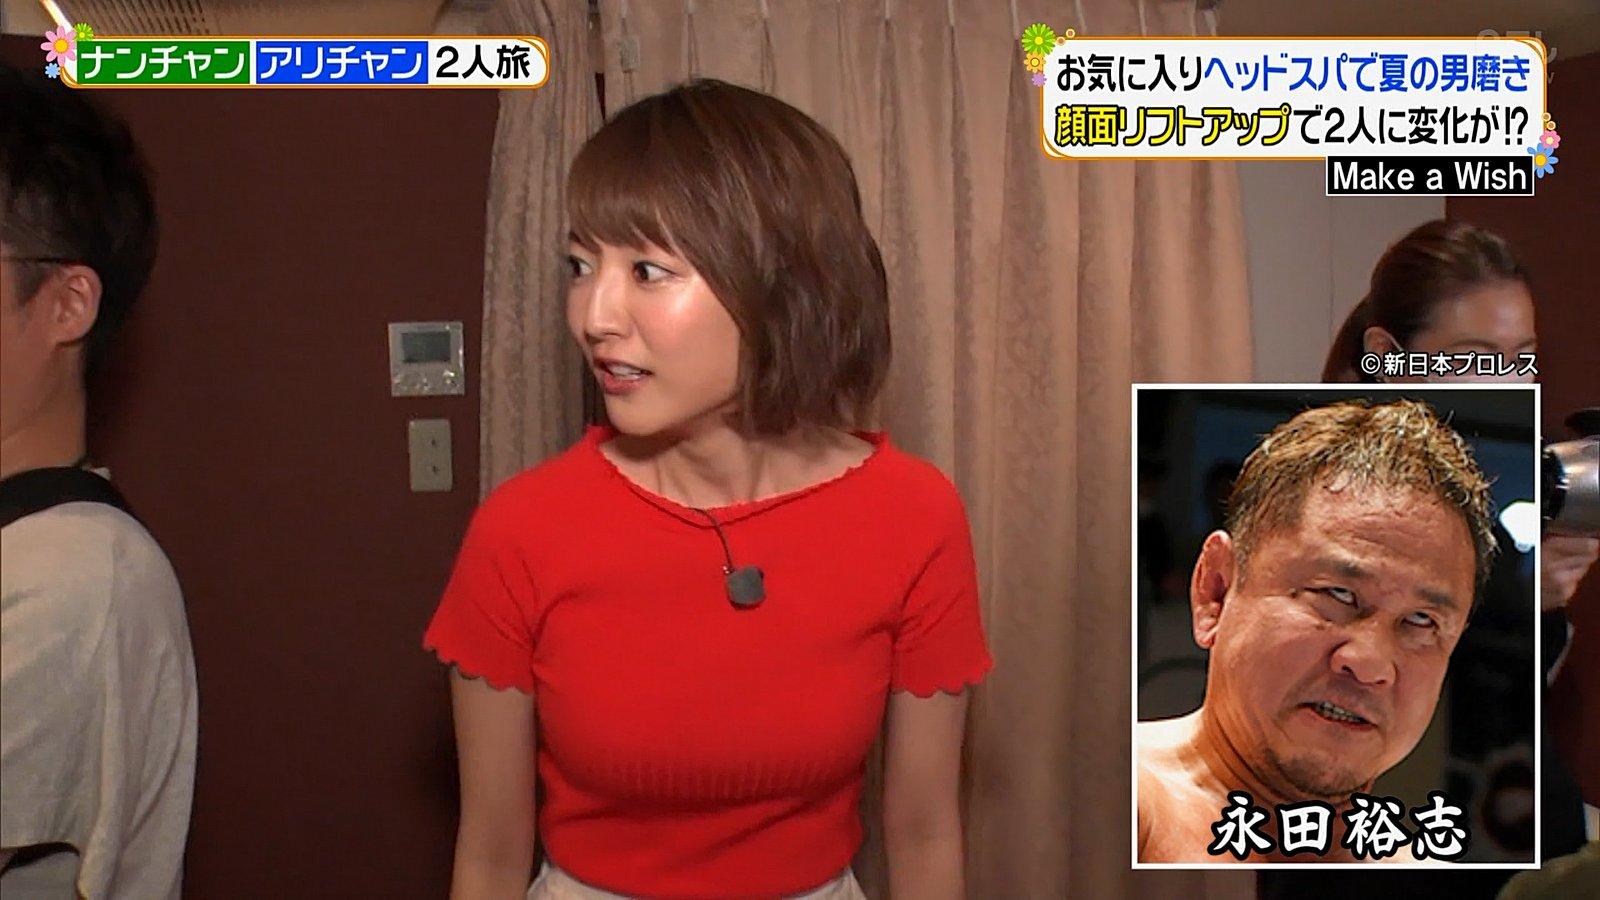 2019年8月9日日本テレビ系列『ヒルナンデス!』滝菜月さんのテレビキャプチャー画像-372